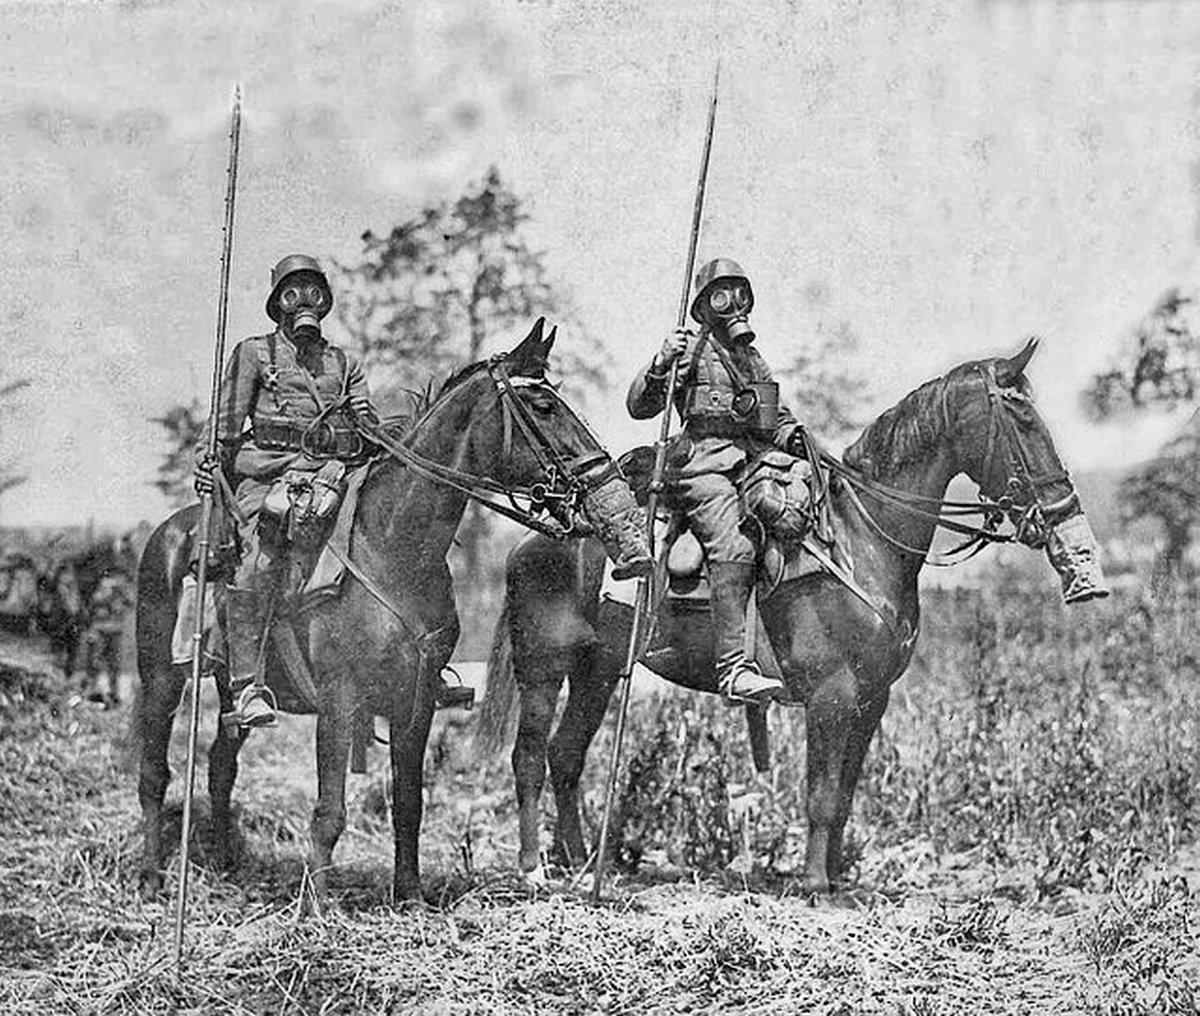 1918_korul_german_lancers_during_world_war_i.jpg